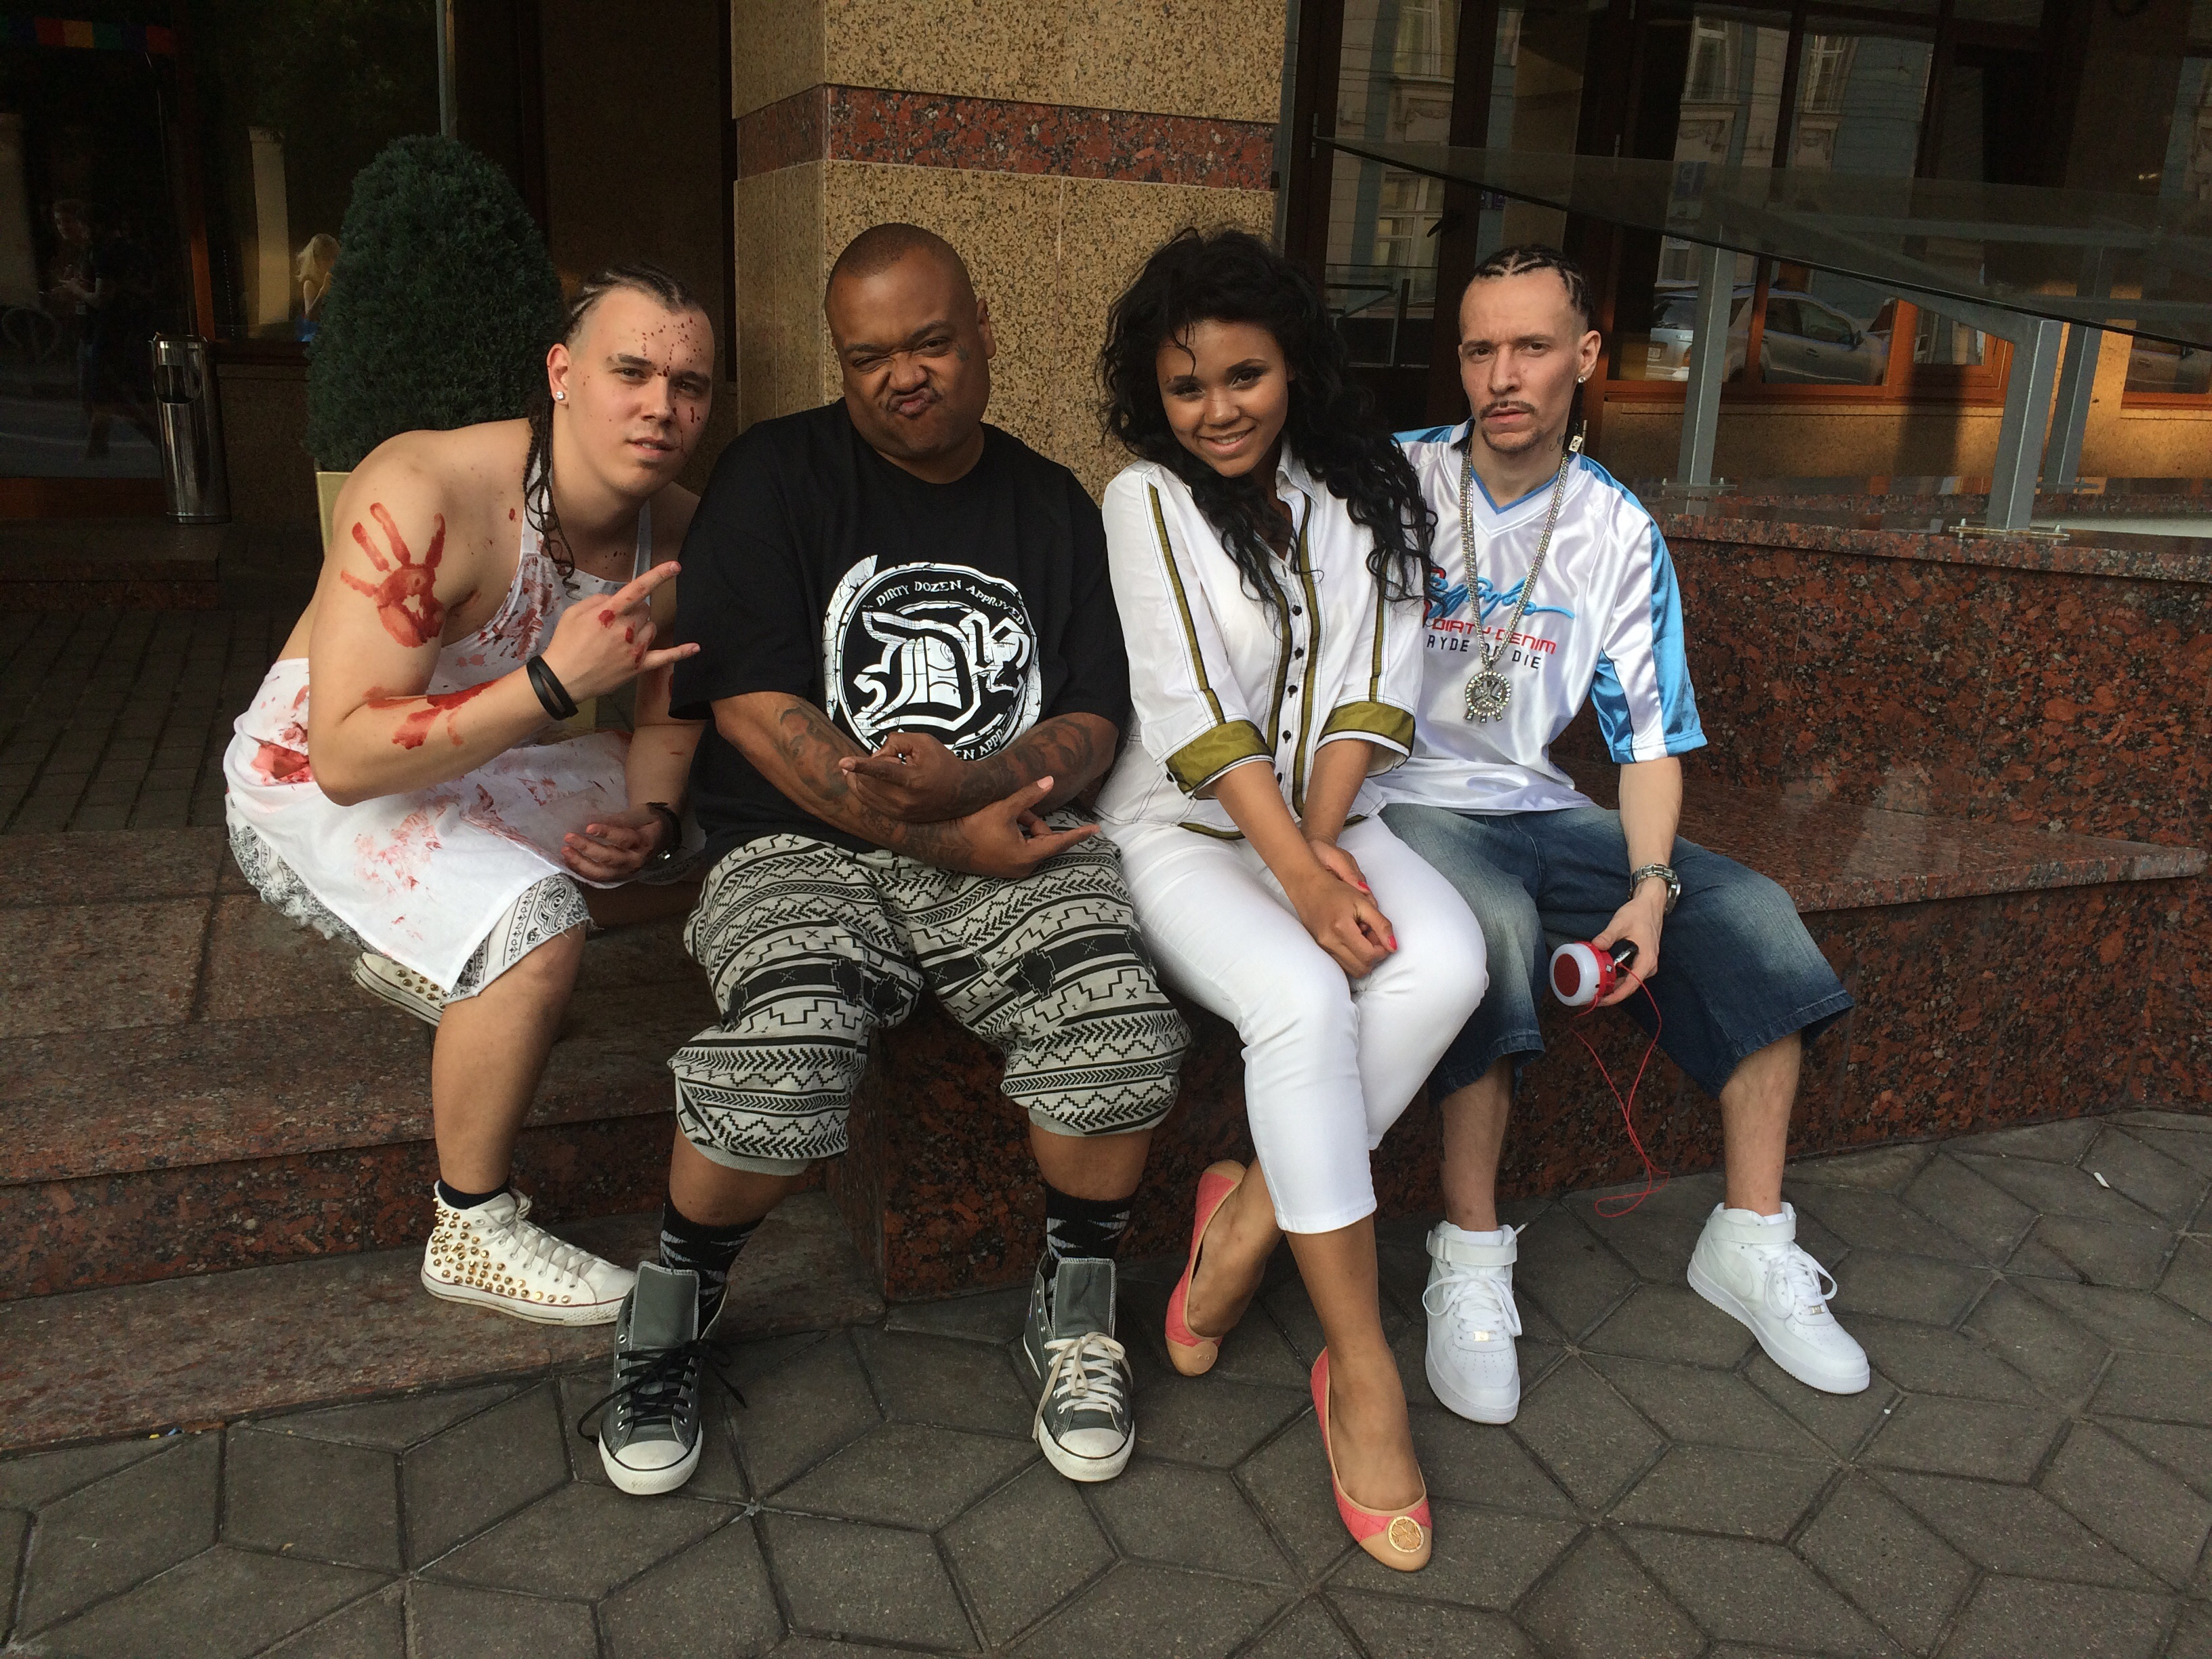 2015.07.09 - Bizarre and Struggle da Preacher